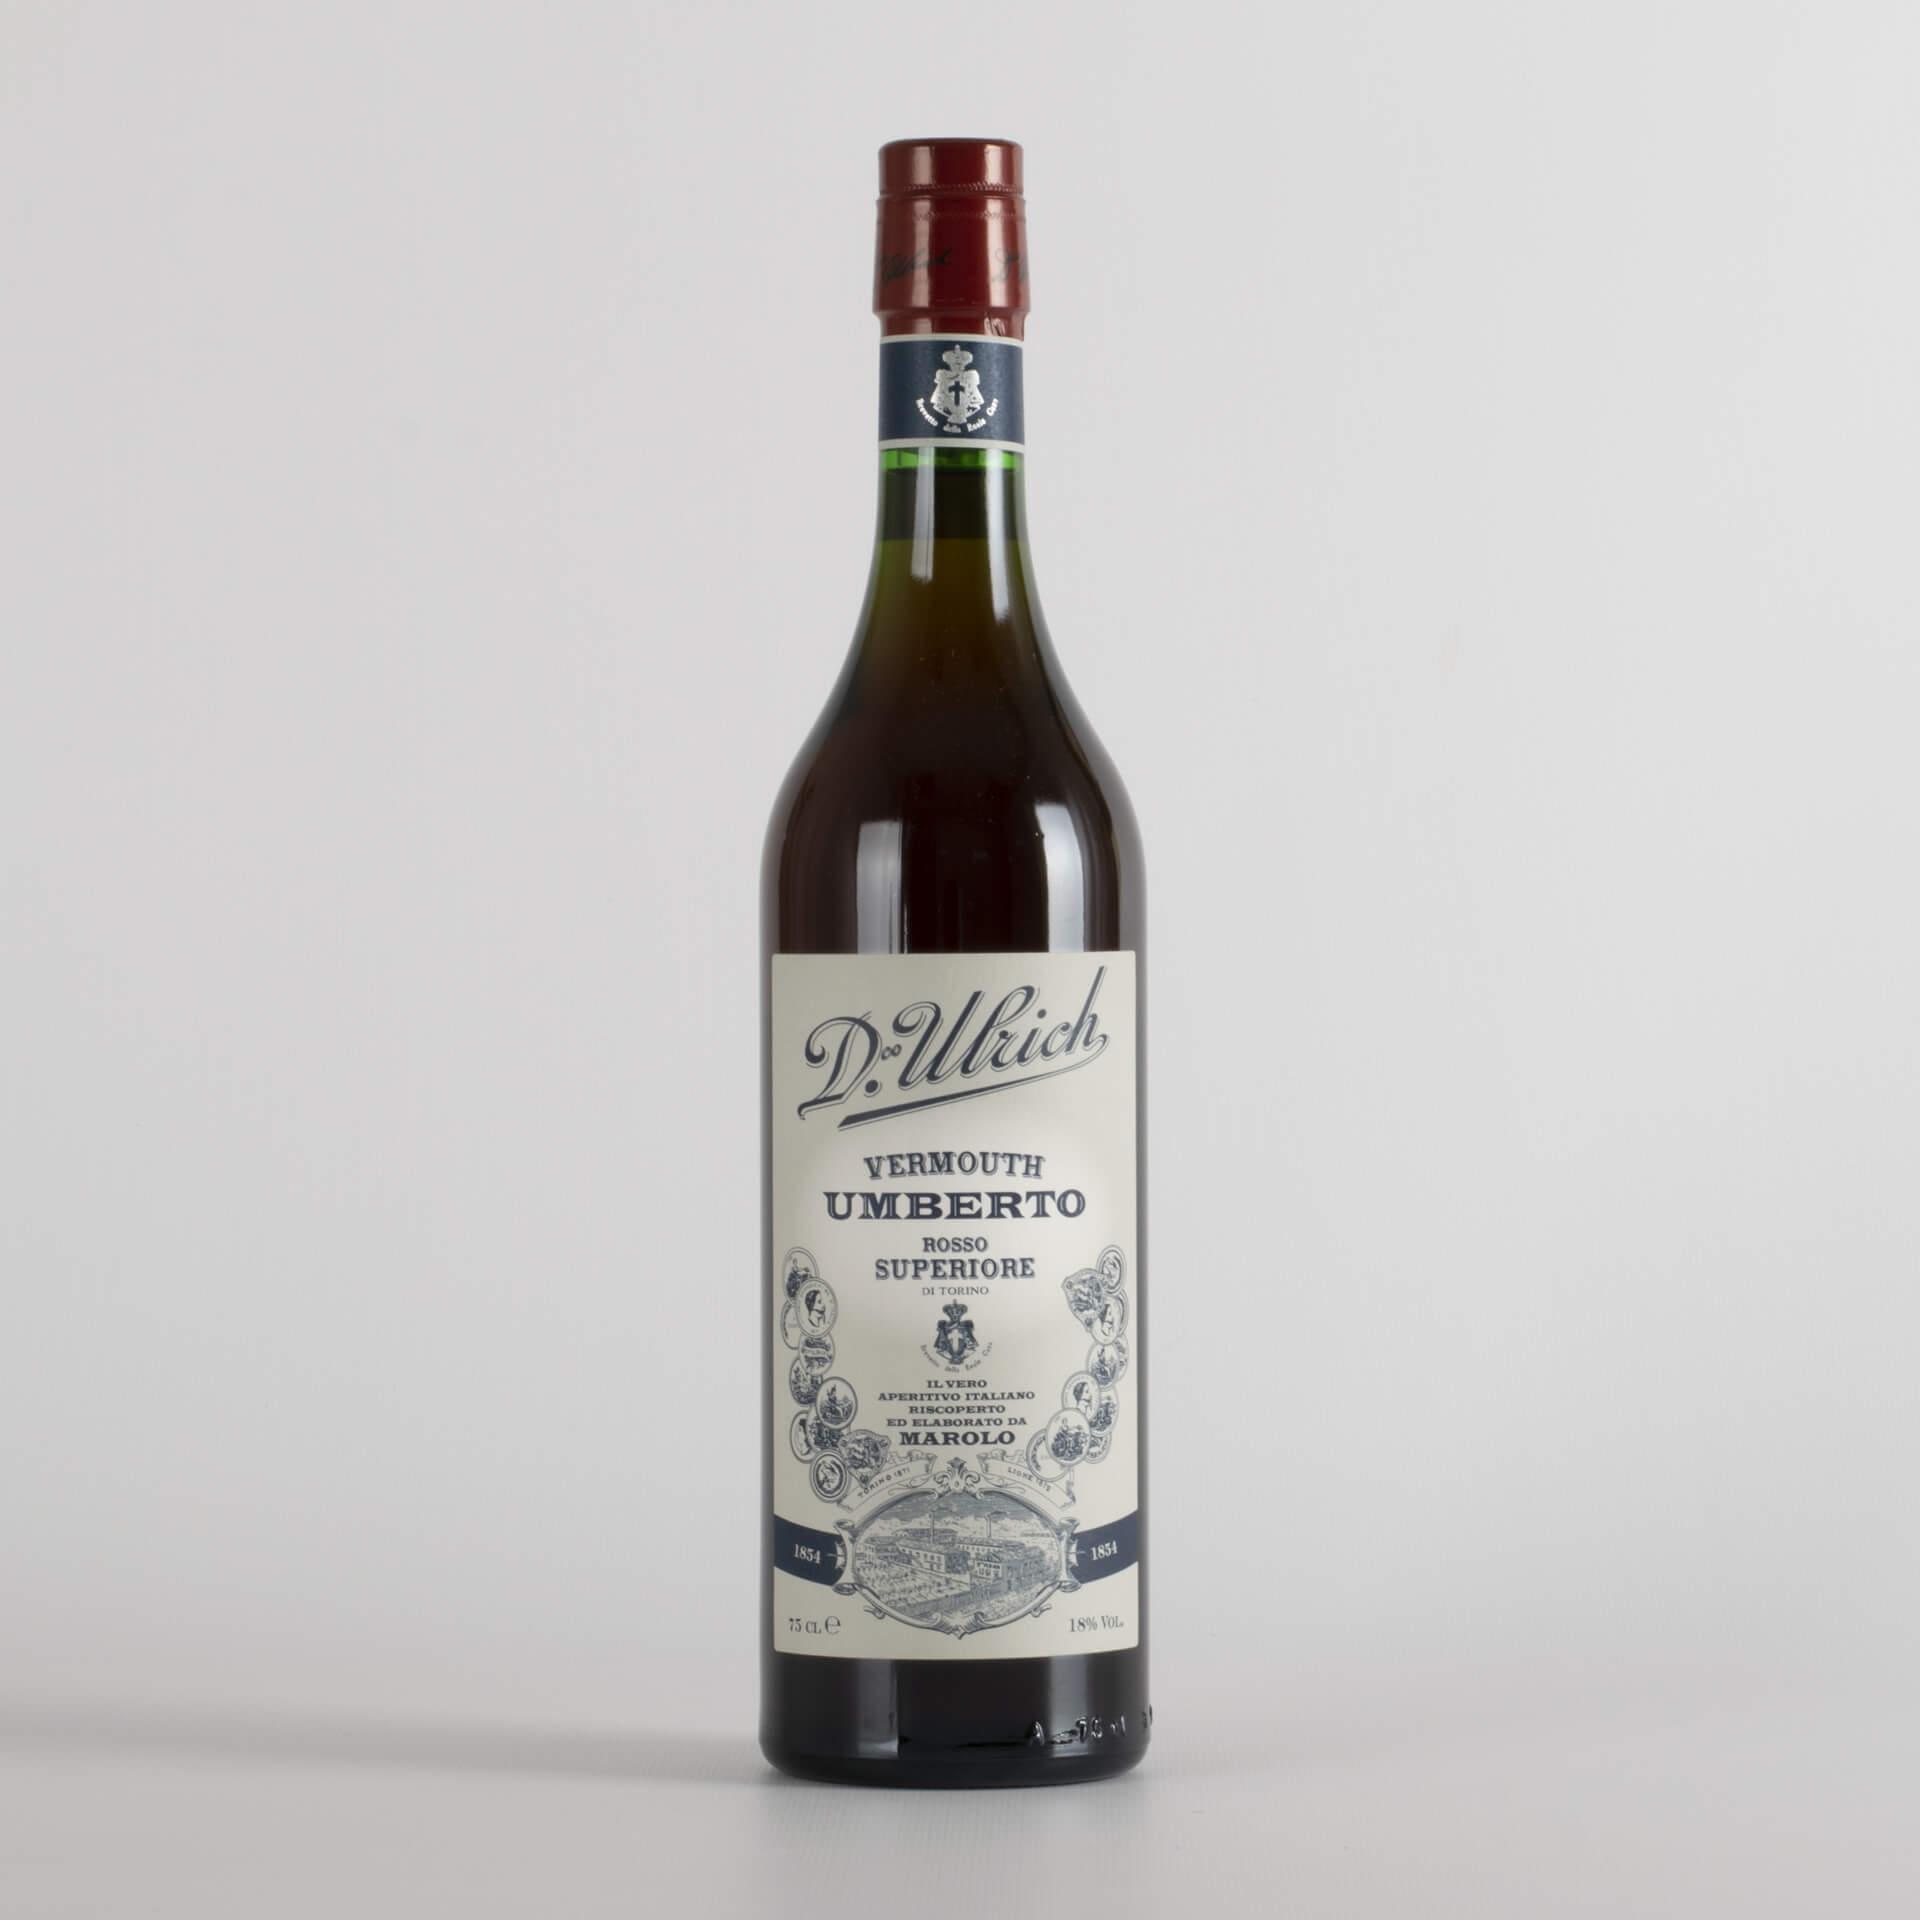 Vermouth Umberto